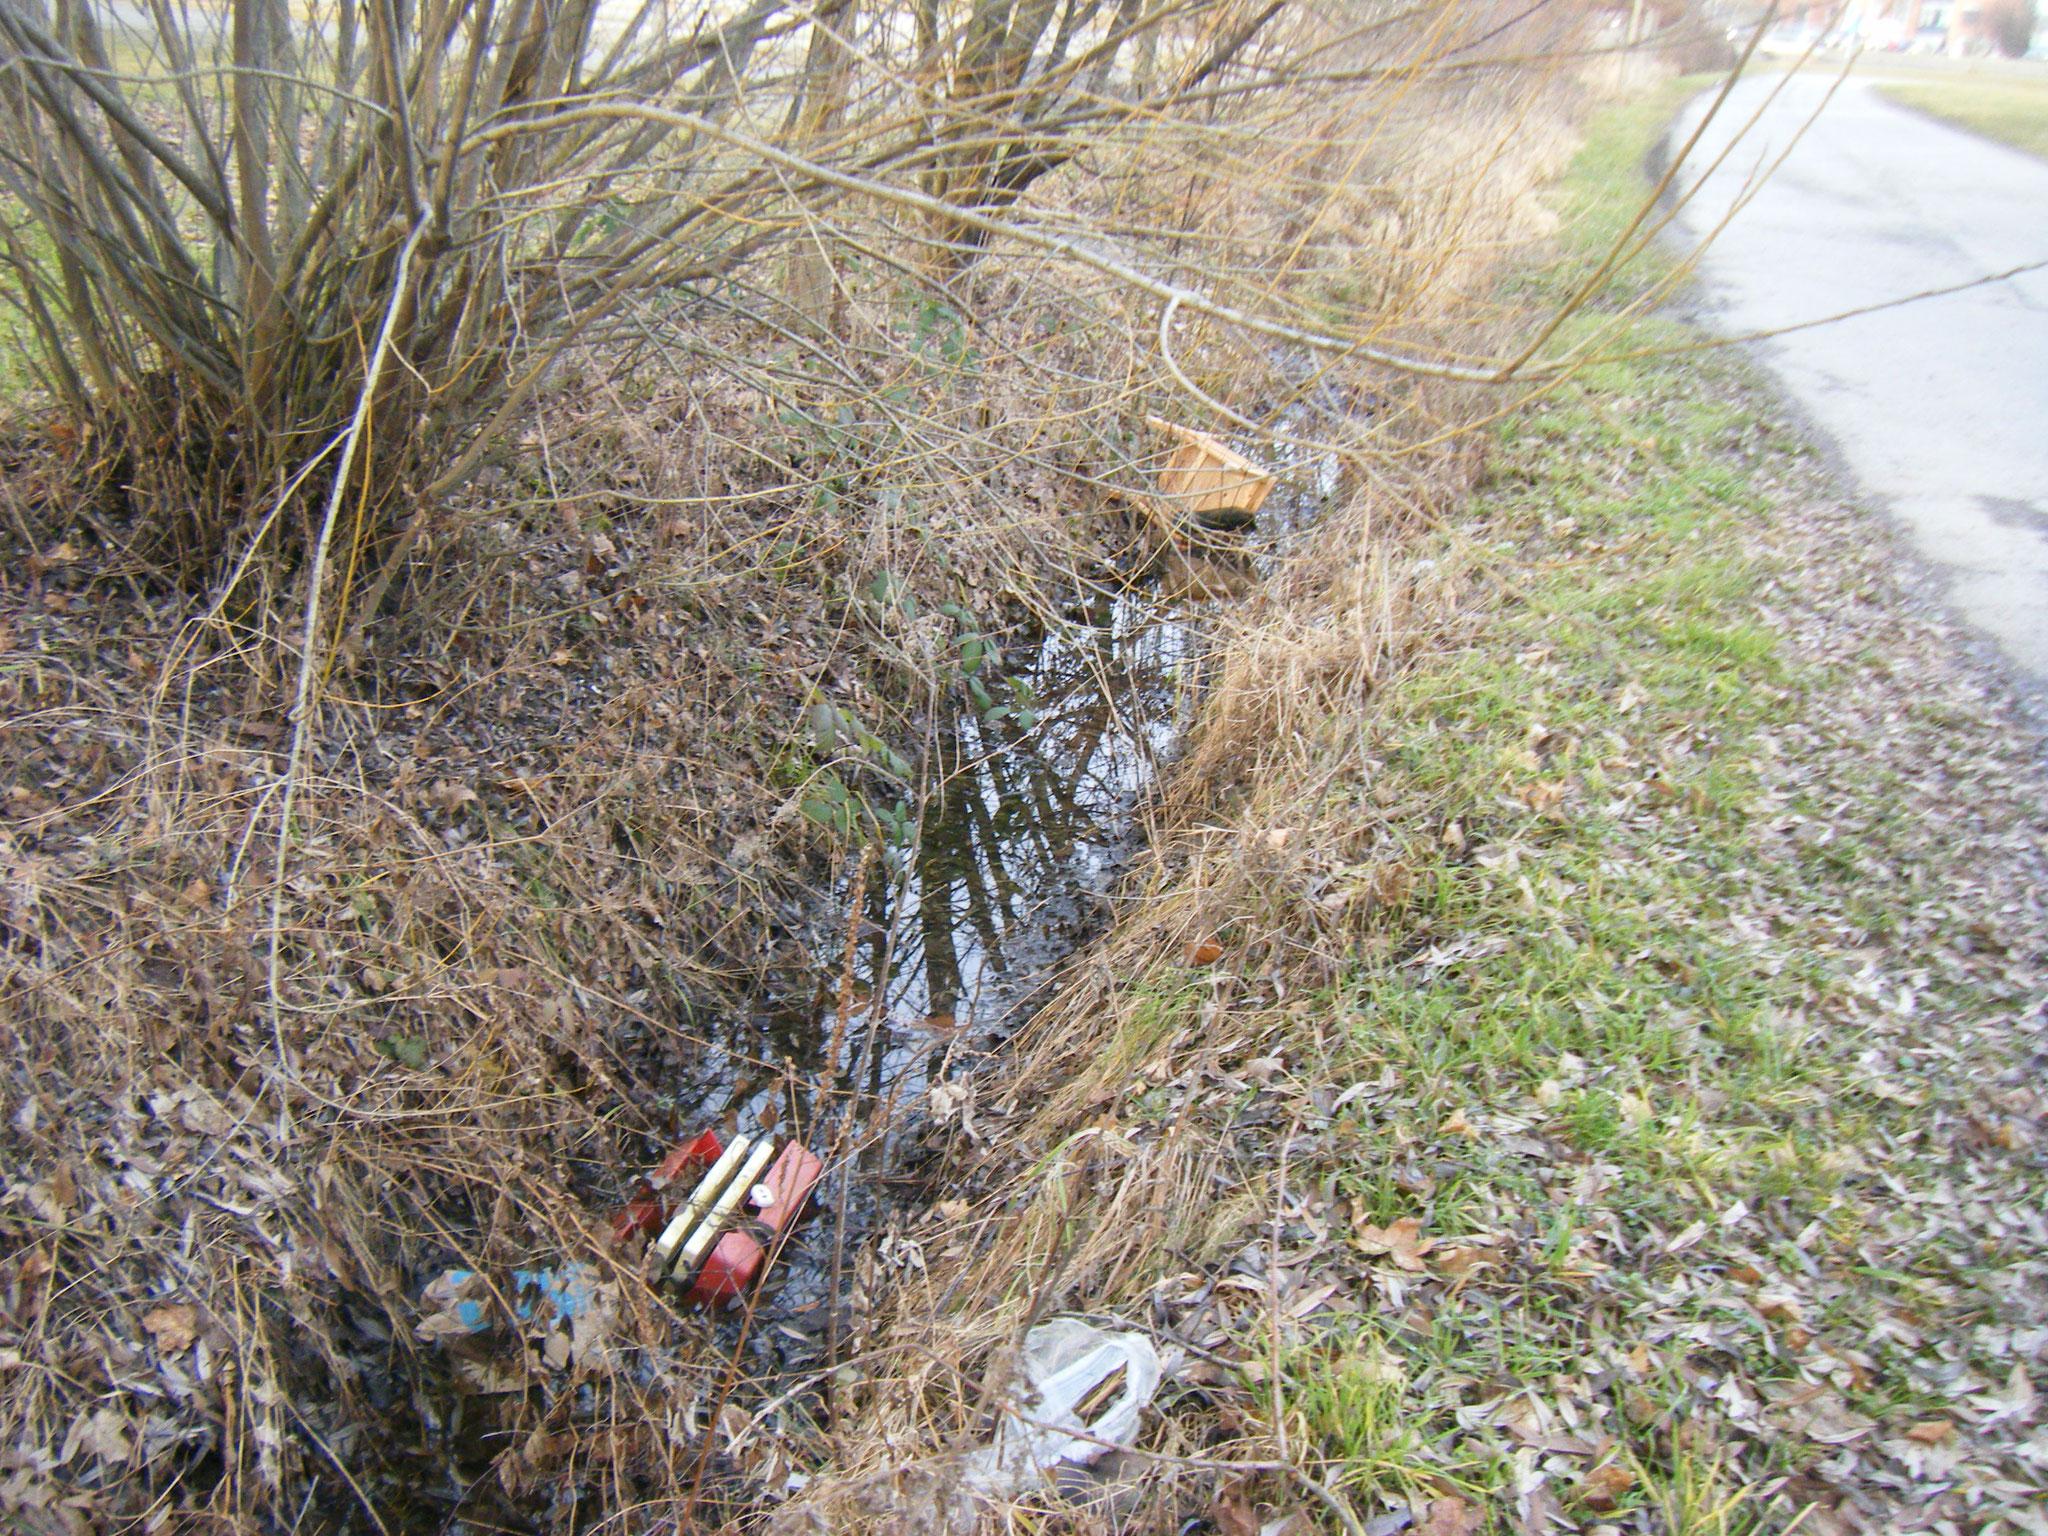 im Abwassergraben auf dem P7-Parkplatz: Sperrmüll, ein Stuhl und ein Plastik-Werkzeugkoffer